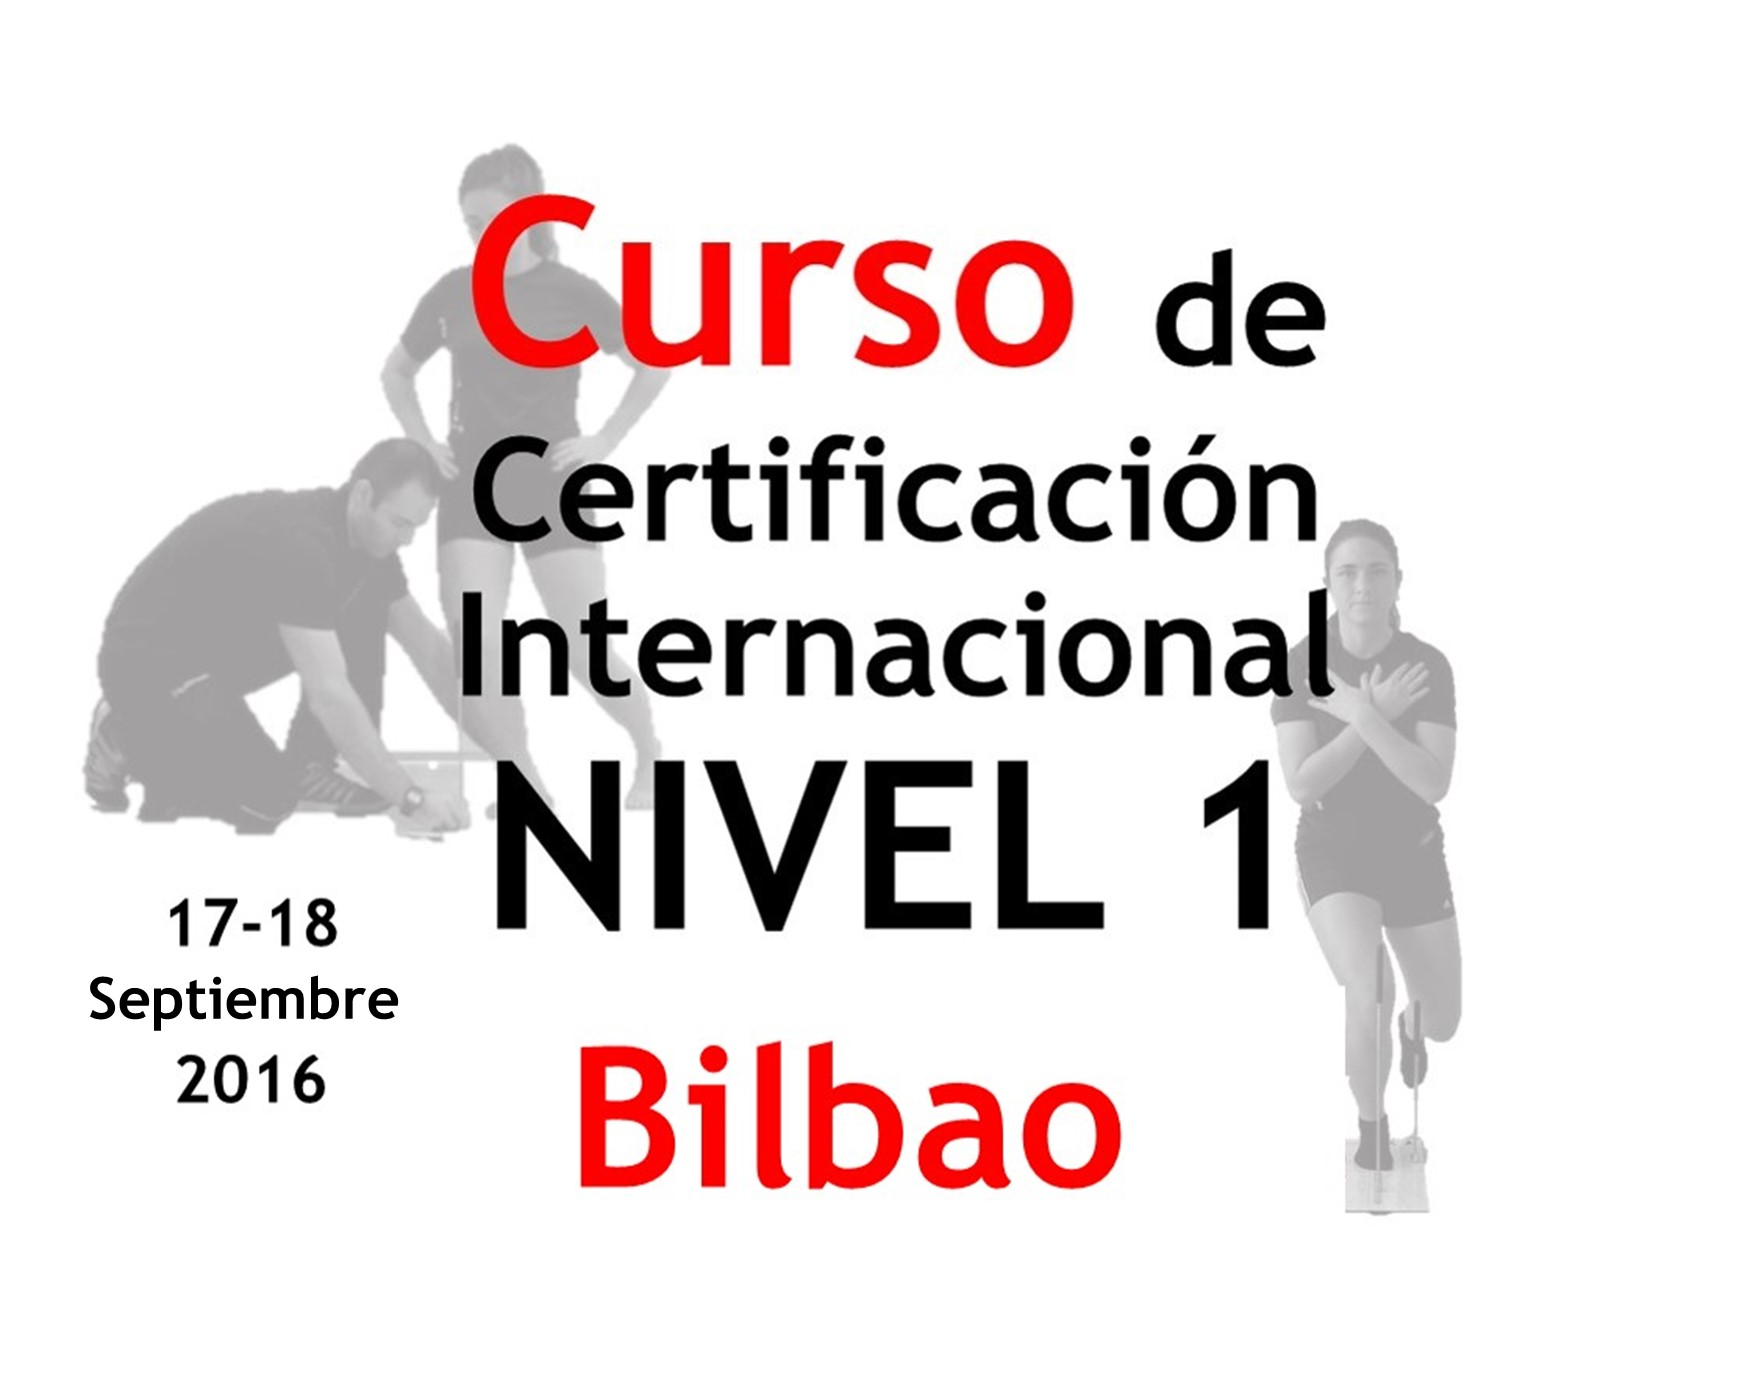 Certificación Internacional Check yourMOtion NIVEL 1 Bilbao